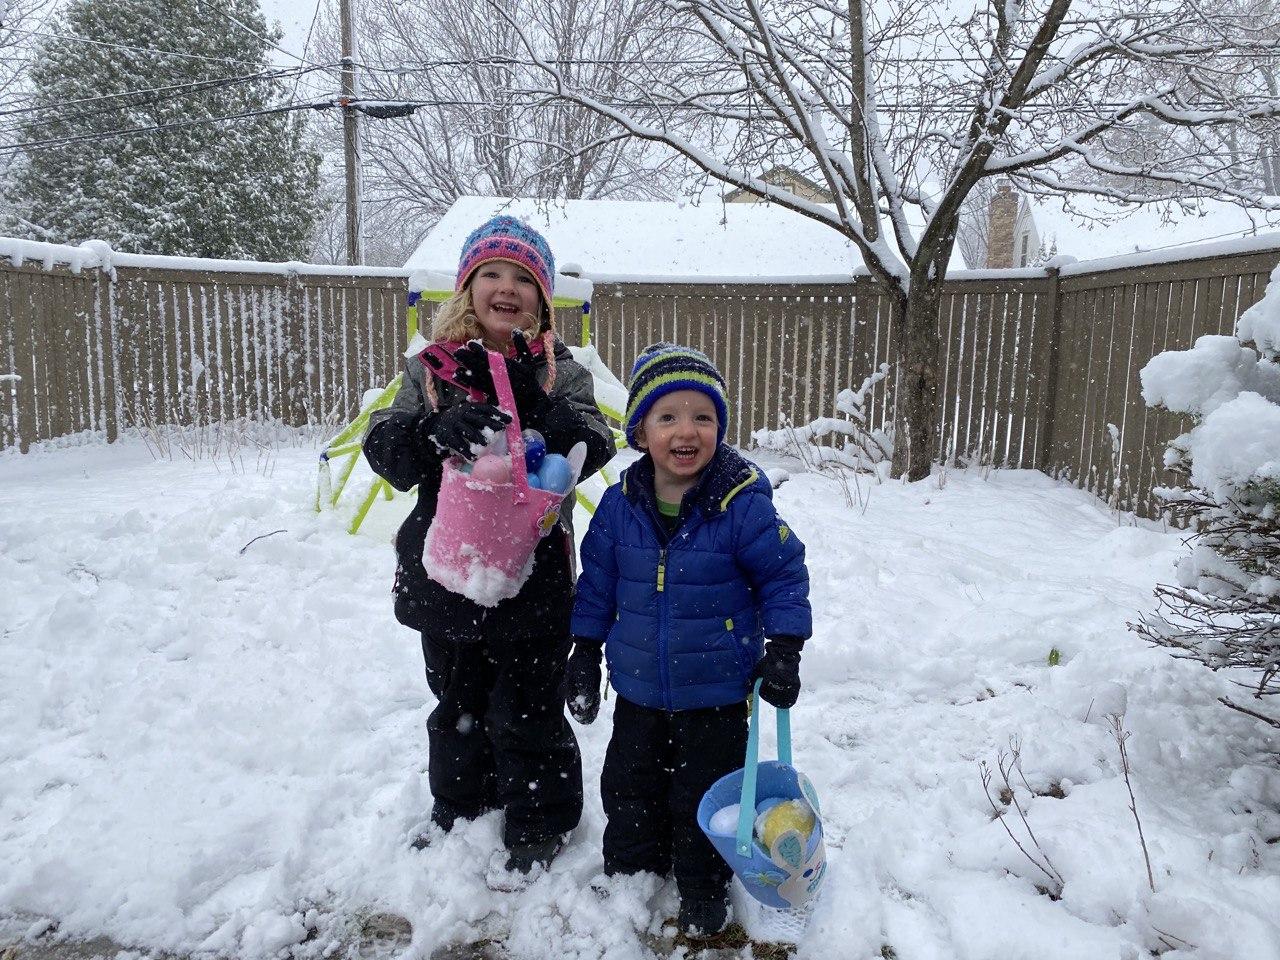 Though we still had a snowy backyard Easter egg hunt. Ha.